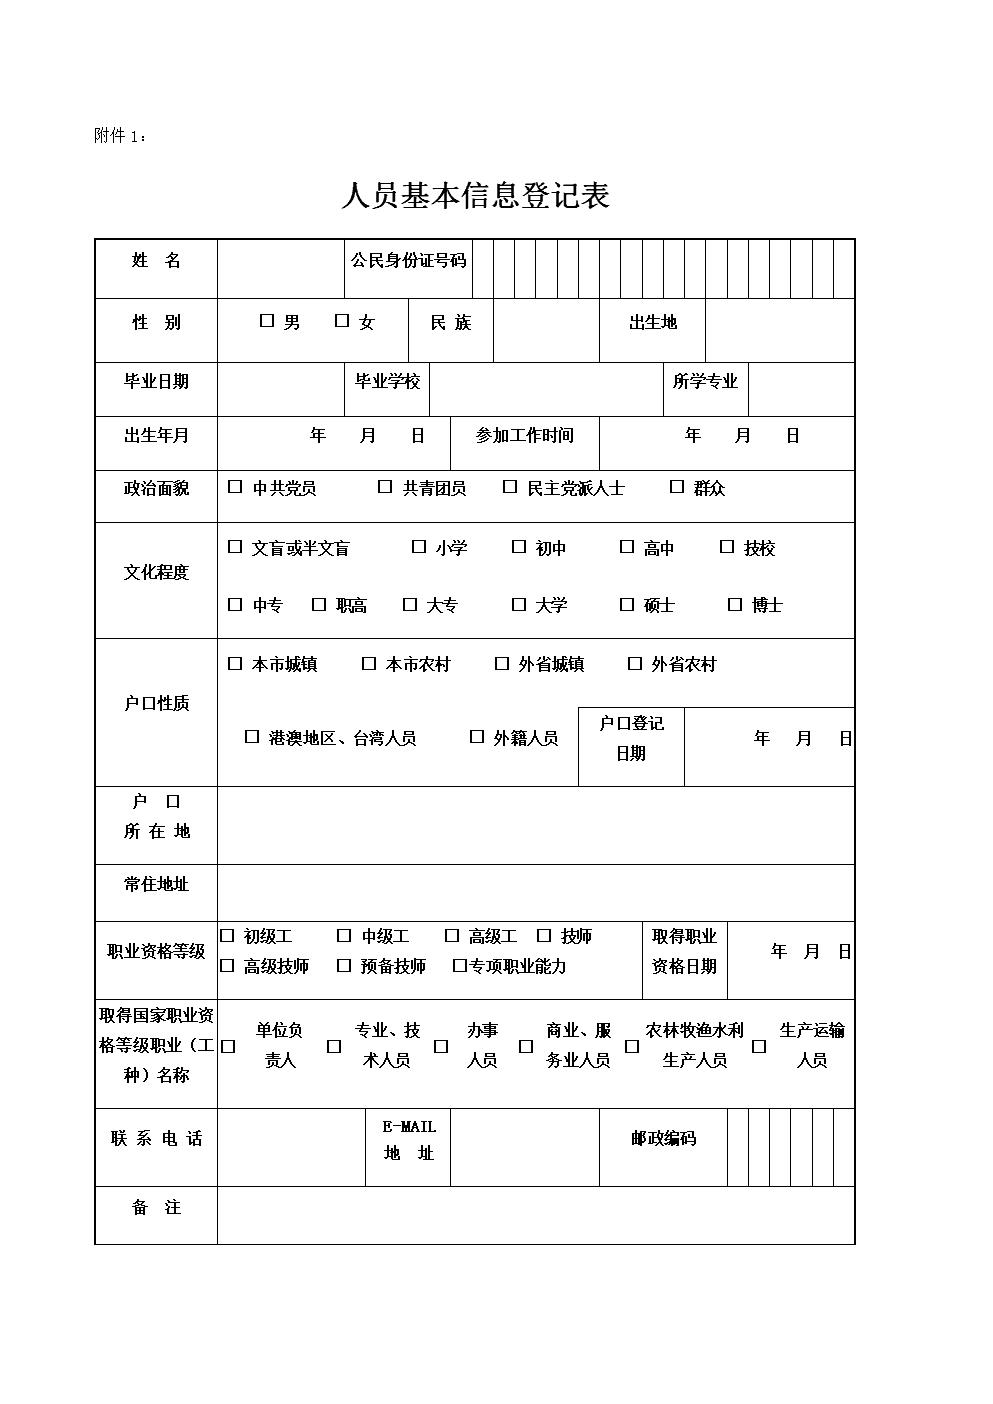 人员基本信息登记表.docx